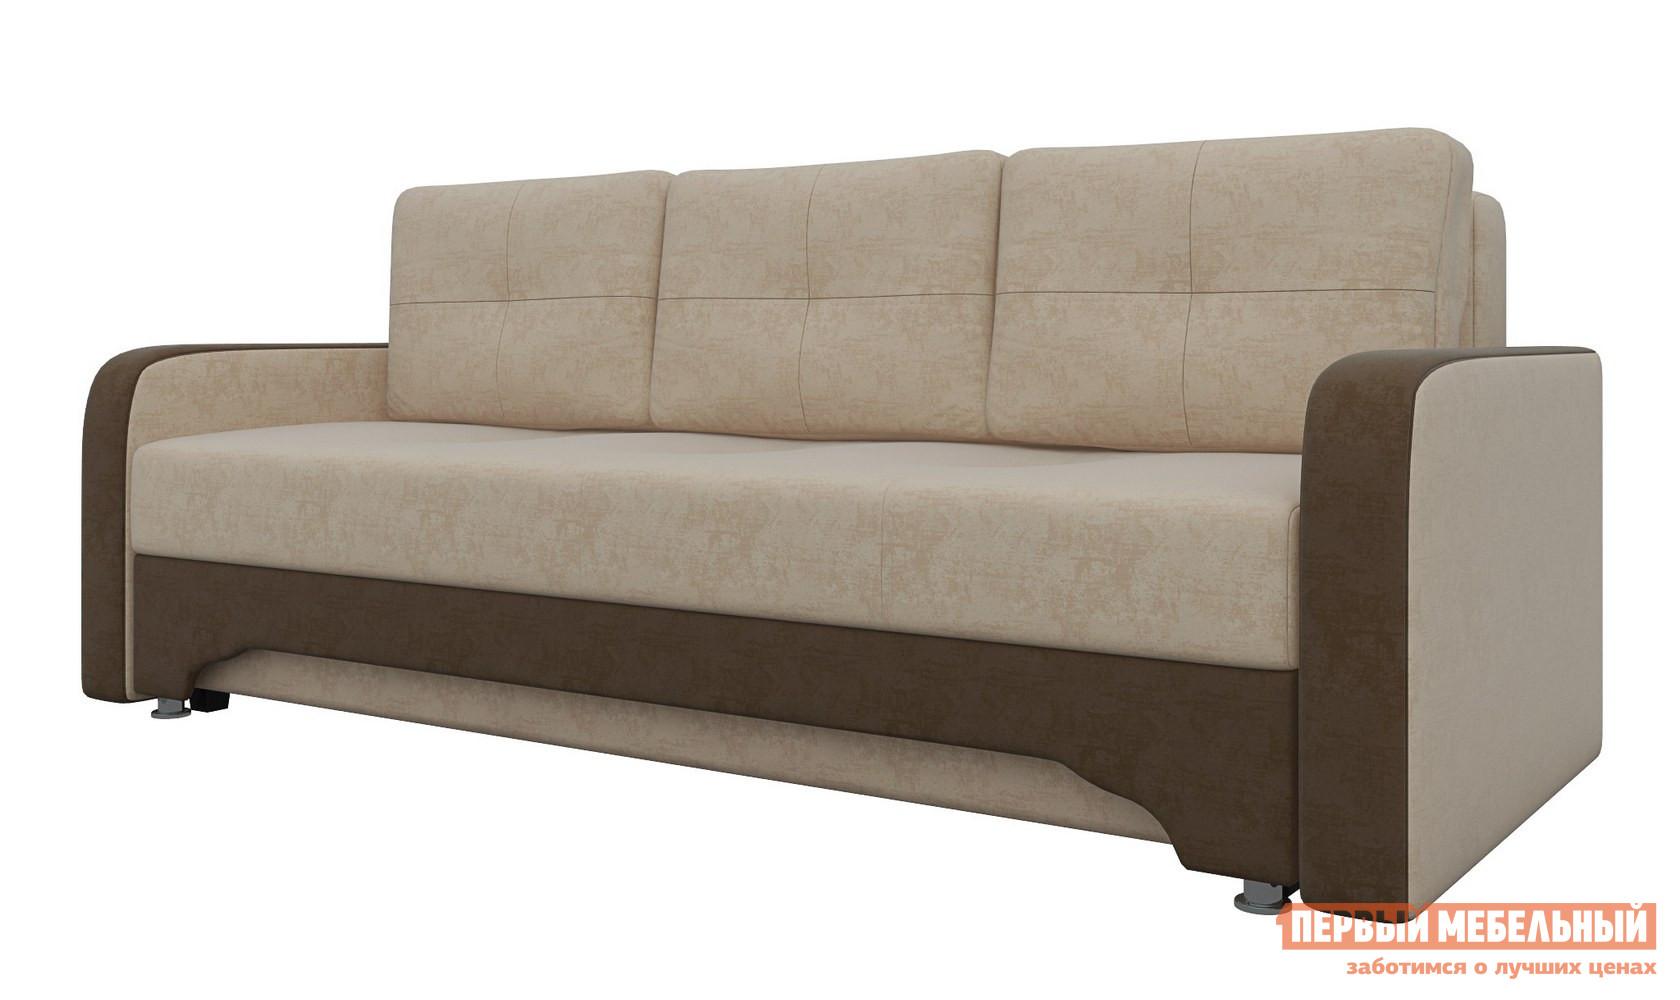 Диван Мебелико Диван-еврокнижка Ник-3 Бежево-коричневый микровельвет Мебелико Габаритные размеры ВхШхГ 900x2100x920 мм. Раскладной диван Ник-3 выполнен в классическом стиле.  Данное изделие станет отличной находкой для ценителей простоты и комфорта. <br> Прочный каркас модели выполнен из соснового массива и ЛДСП. <br> В качестве внутреннего наполнения выступает блок зависимых пружин типа Боннель в сочетании с пенополиуретаном, войлоком и синтепоном. <br>Глубина сиденья — 630 мм. <br>Высота сиденья от пола — 450 мм. <br>Благодаря механизму трансформации еврокнижка, вы сможете организовать удобное спальное место размером 140 х 190 см. <br>Диван оснащен большим ящиком для хранения белья. <br> В комплектацию модели входят три больших прямоугольных подушки, что гарантирует хороший отдых и теплую атмосферу уюта. <br>